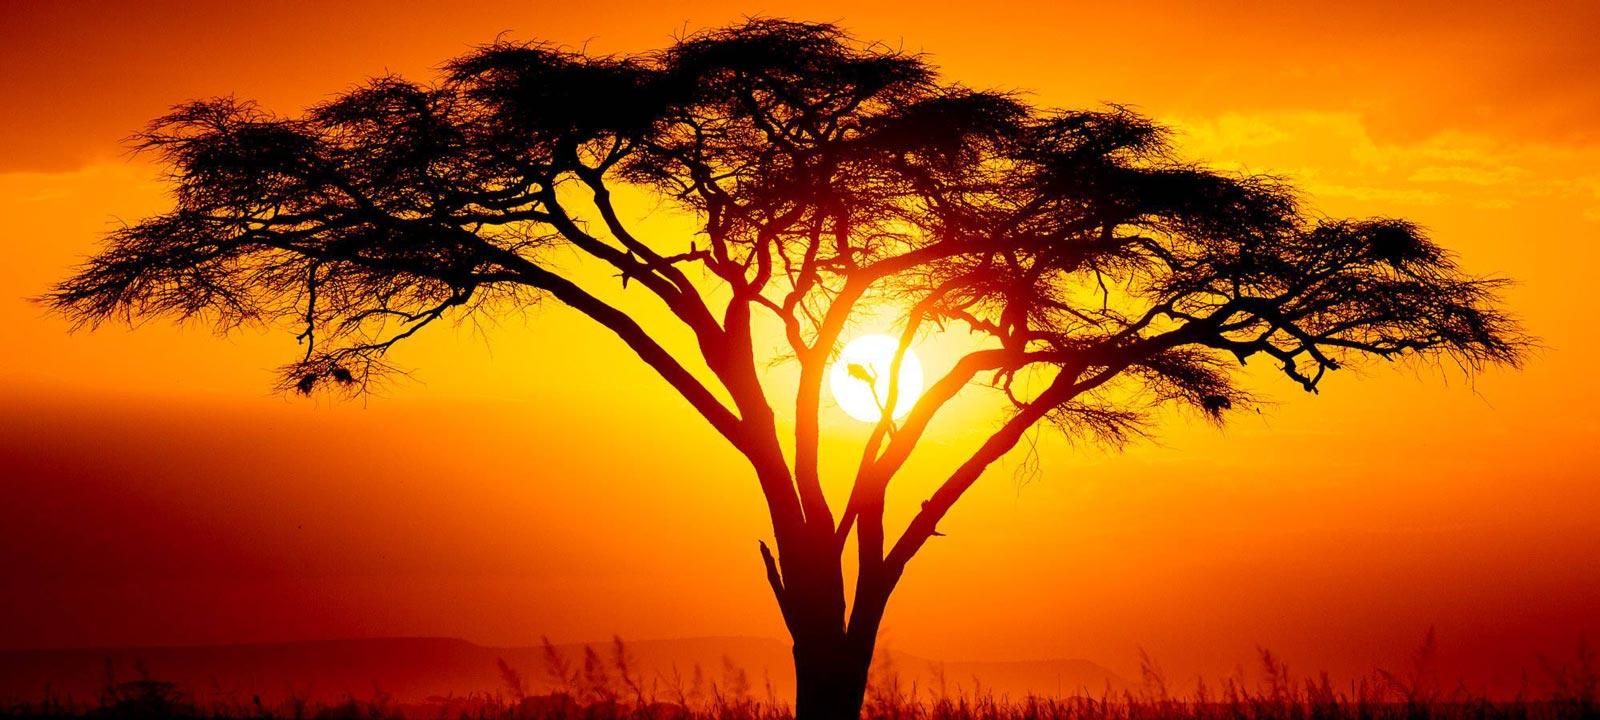 Pildiotsingu africa acacia tulemus